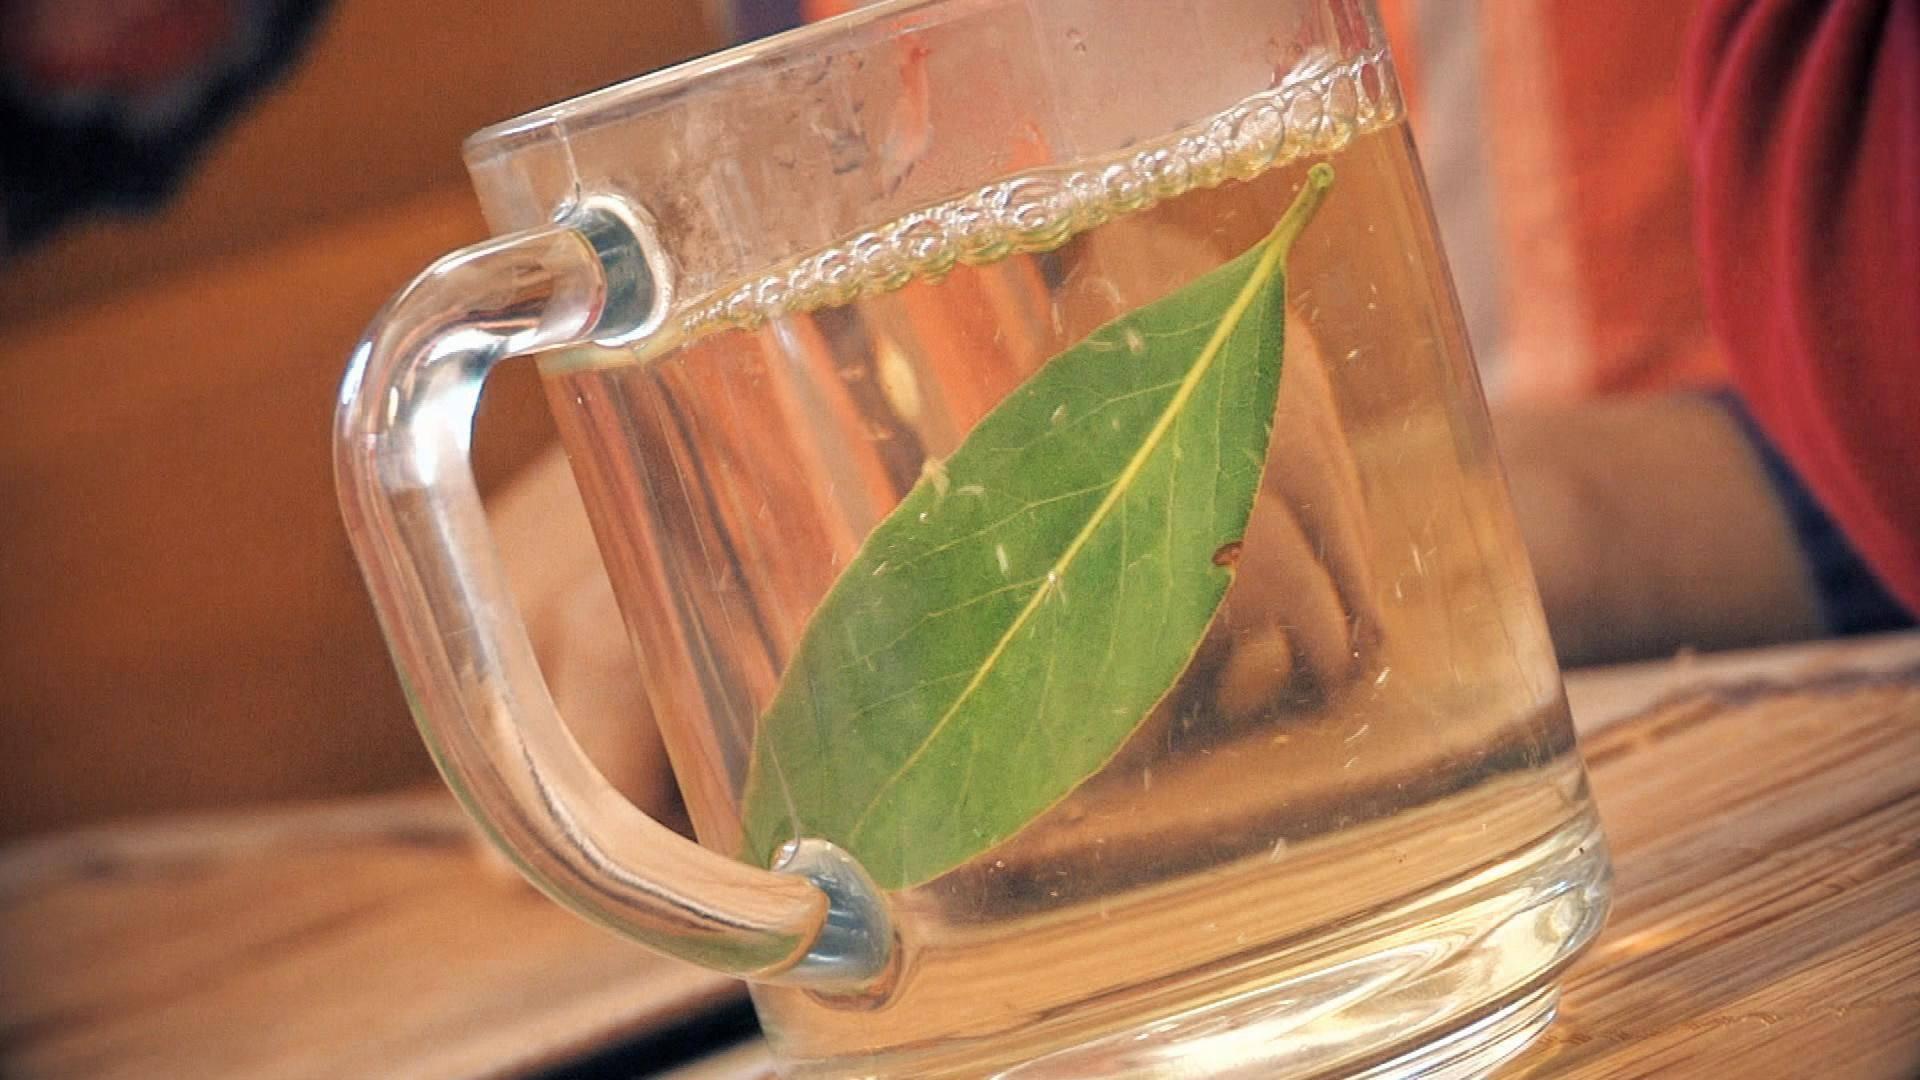 Лечение лавровым листом — лучшие эффективные проверенные рецепты, свойства и противопоказания к применению лаврового листа (95 фото)